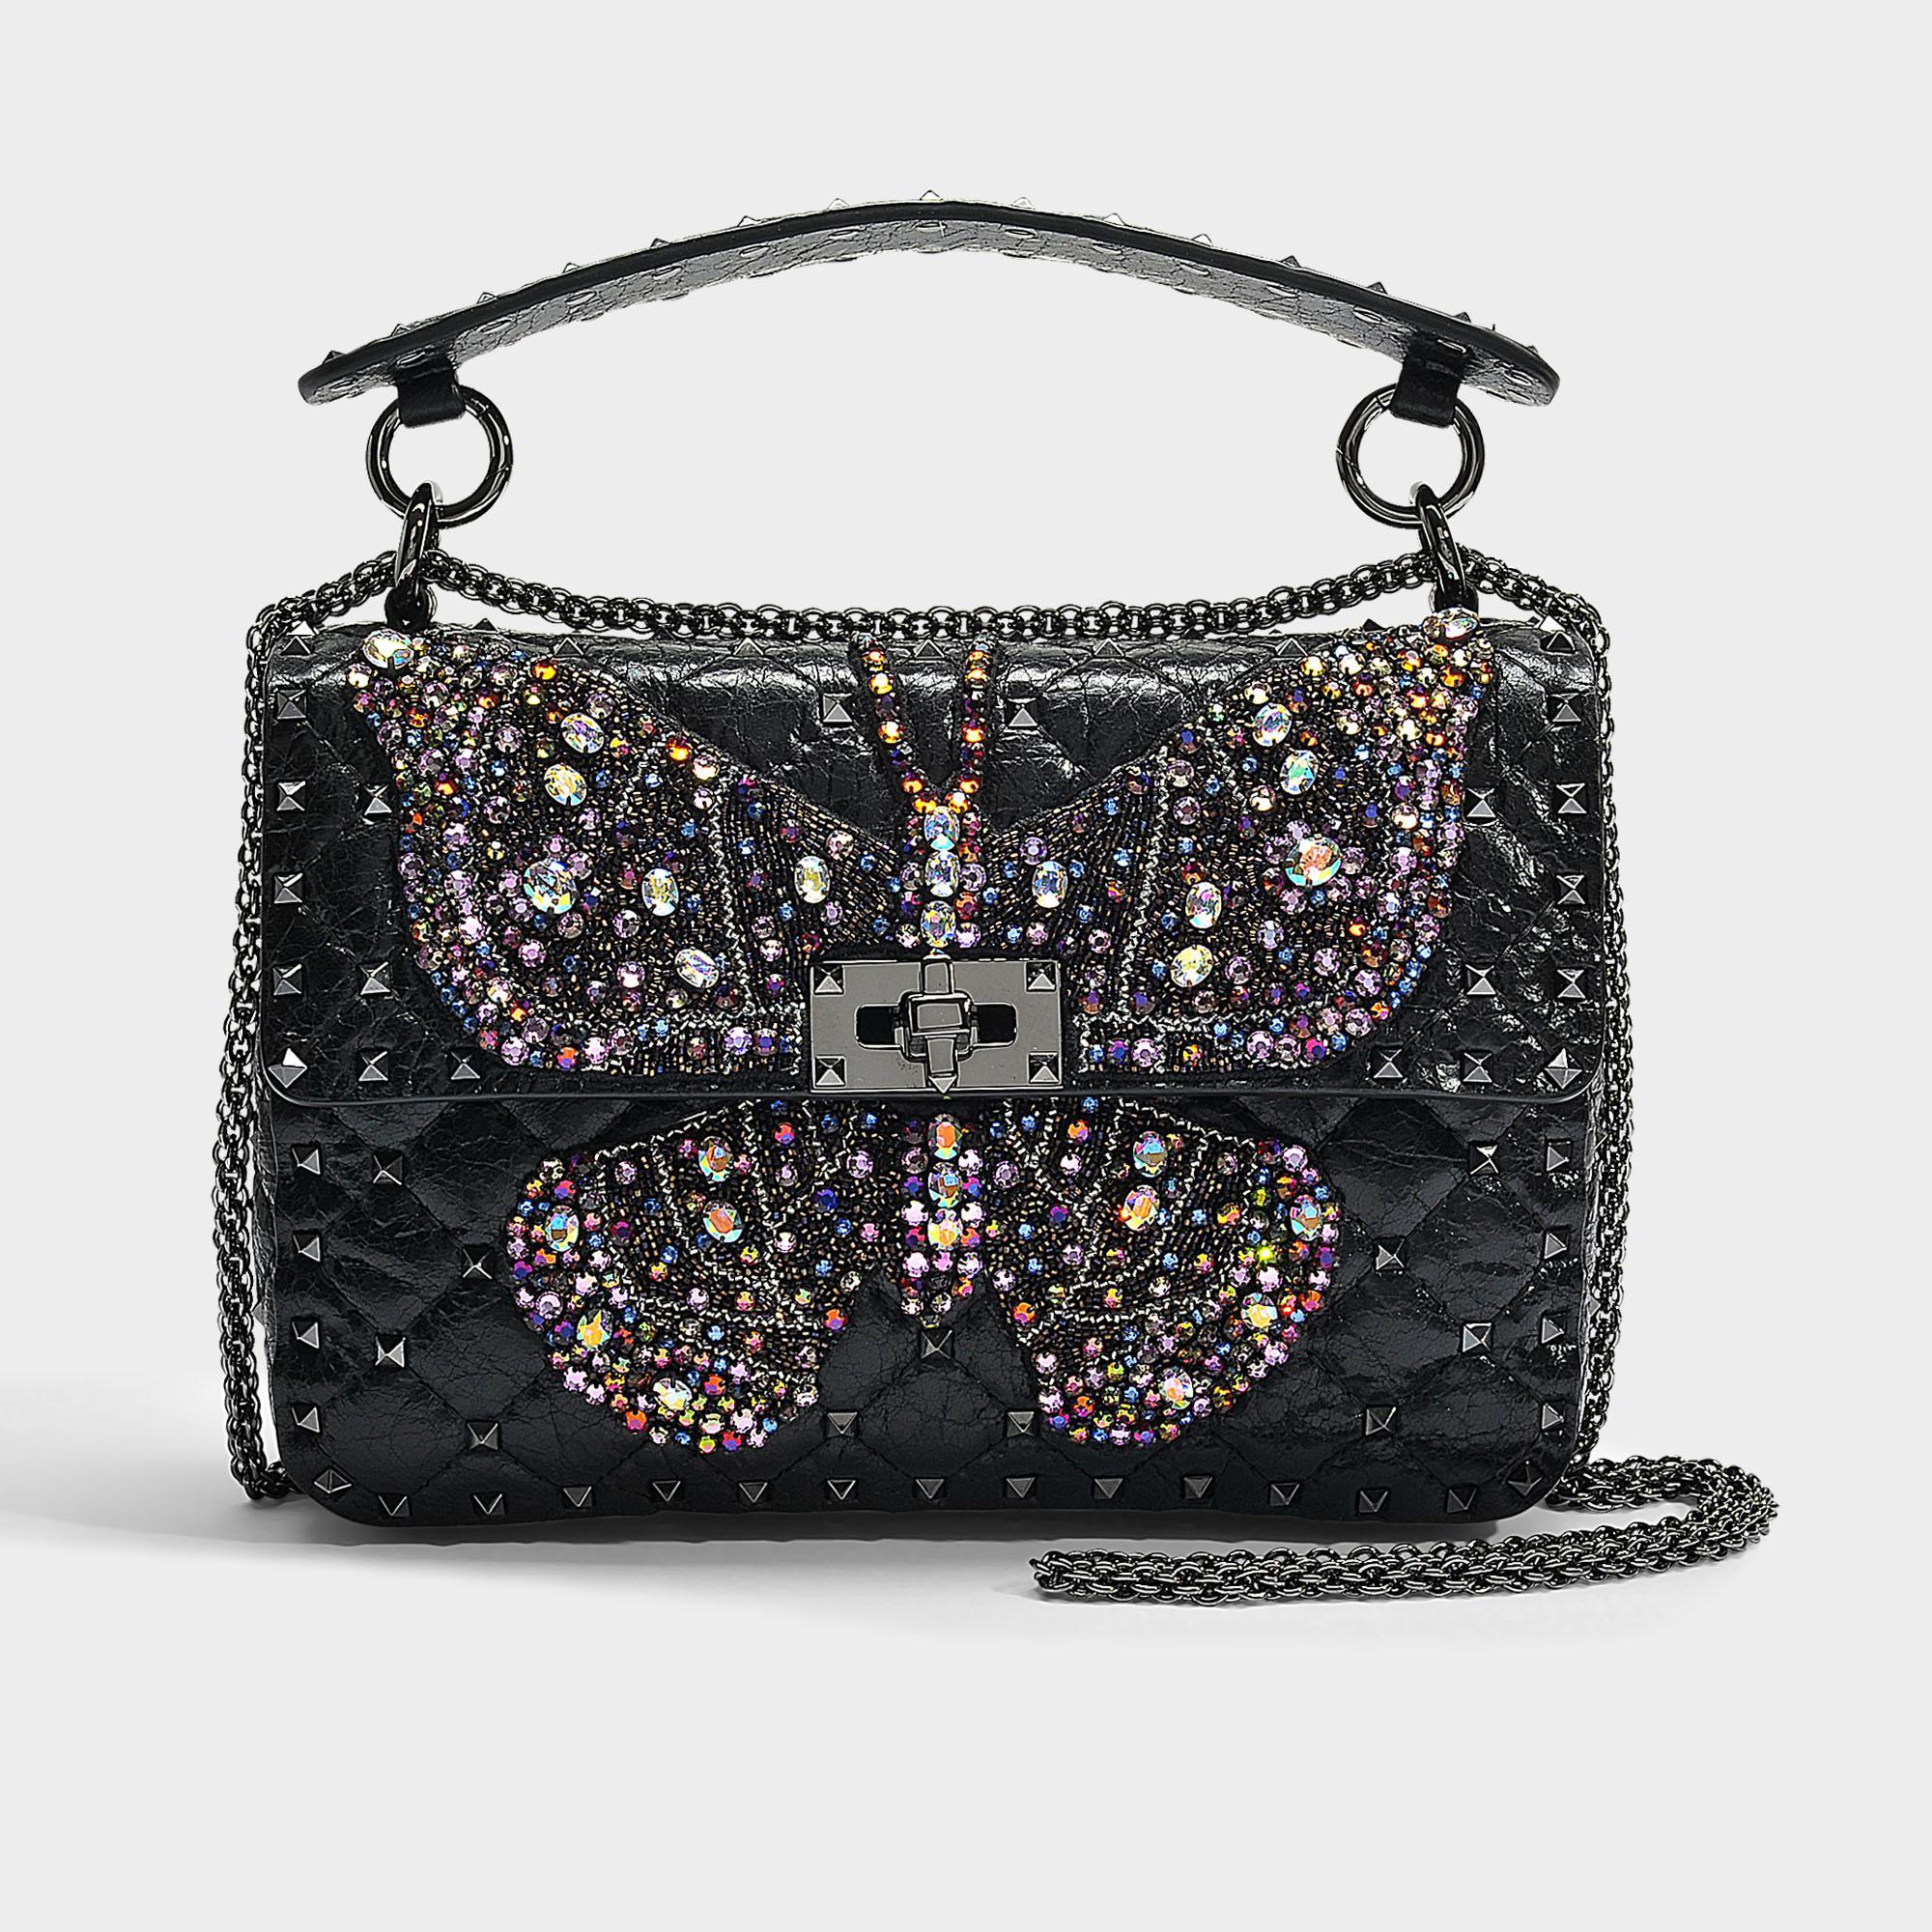 b146d29cc3b3 valentino--Rockstud-Spike-It-Butterfly-Medium-Shoulder-Bag-In-Black -Lambskin.jpeg